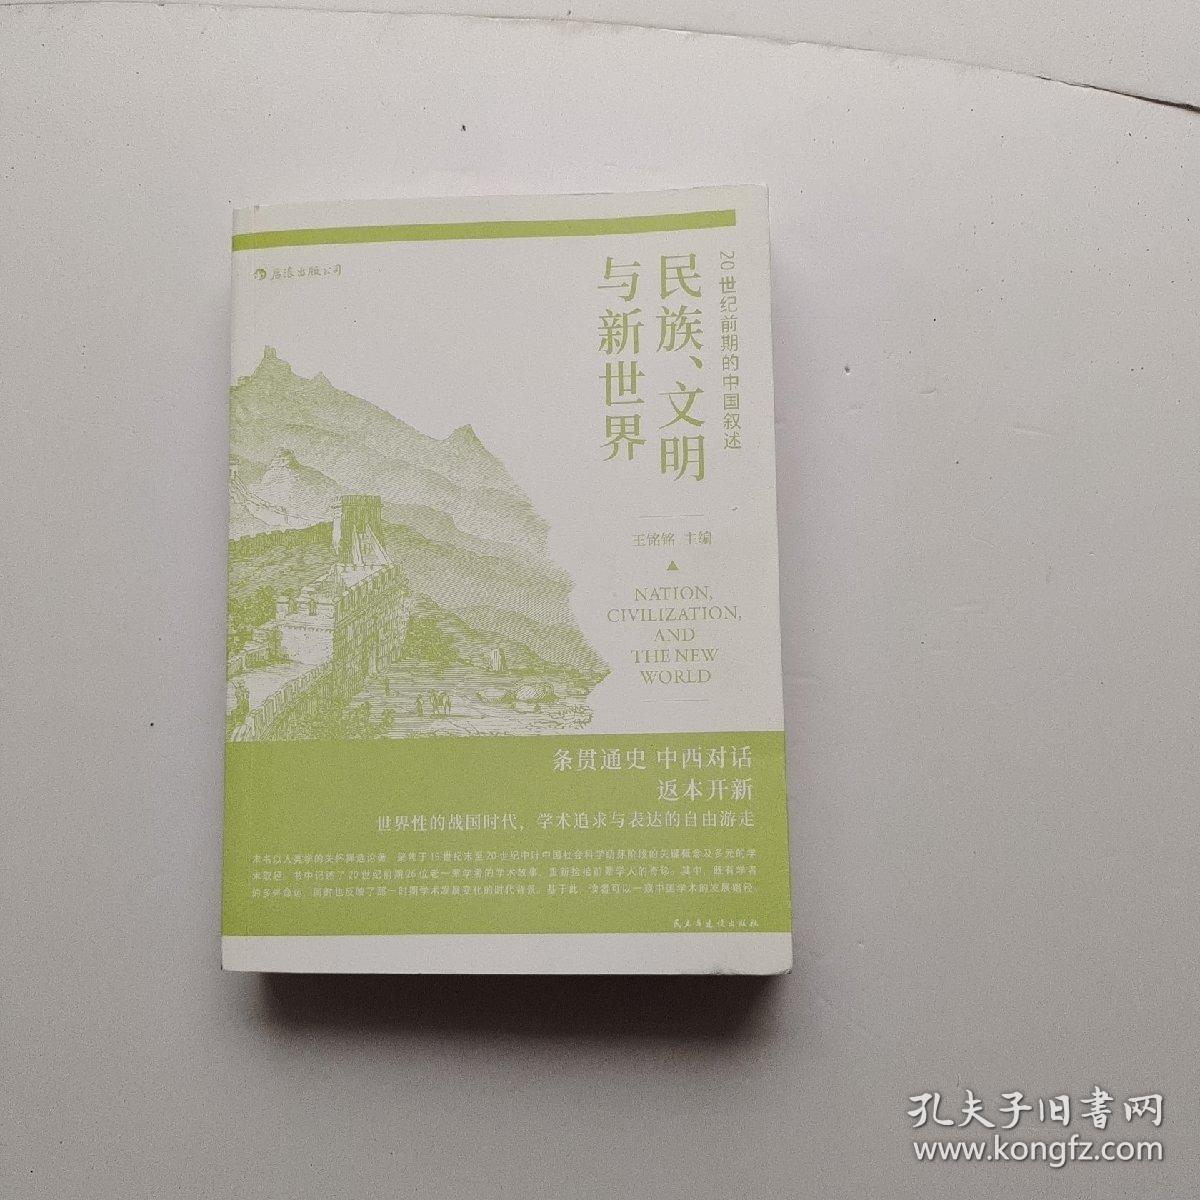 民族、文明与新世界:20世纪前期的中国叙述